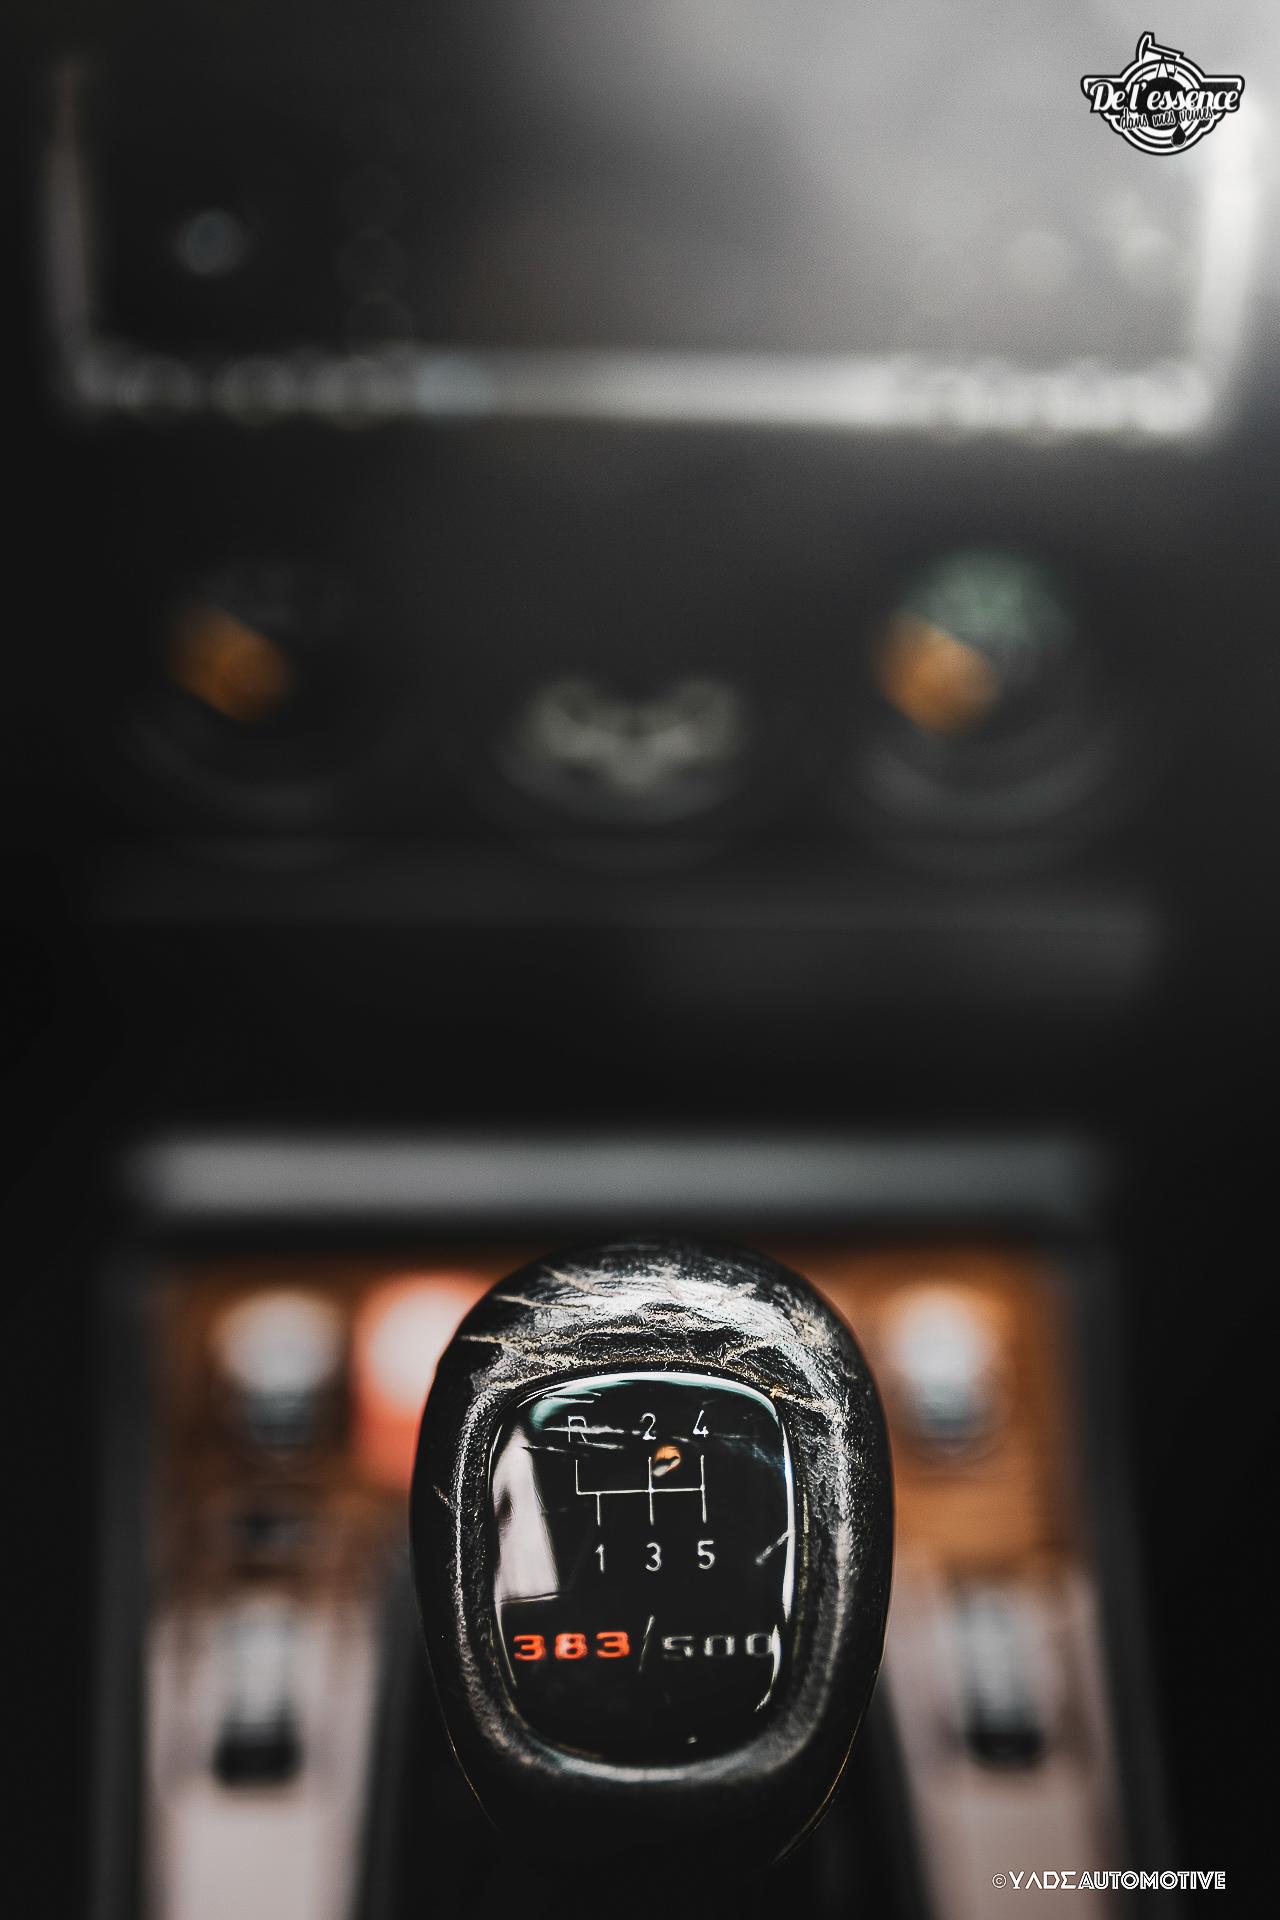 Mercedes 190 Evo 2 - L'étoile noire ! 14